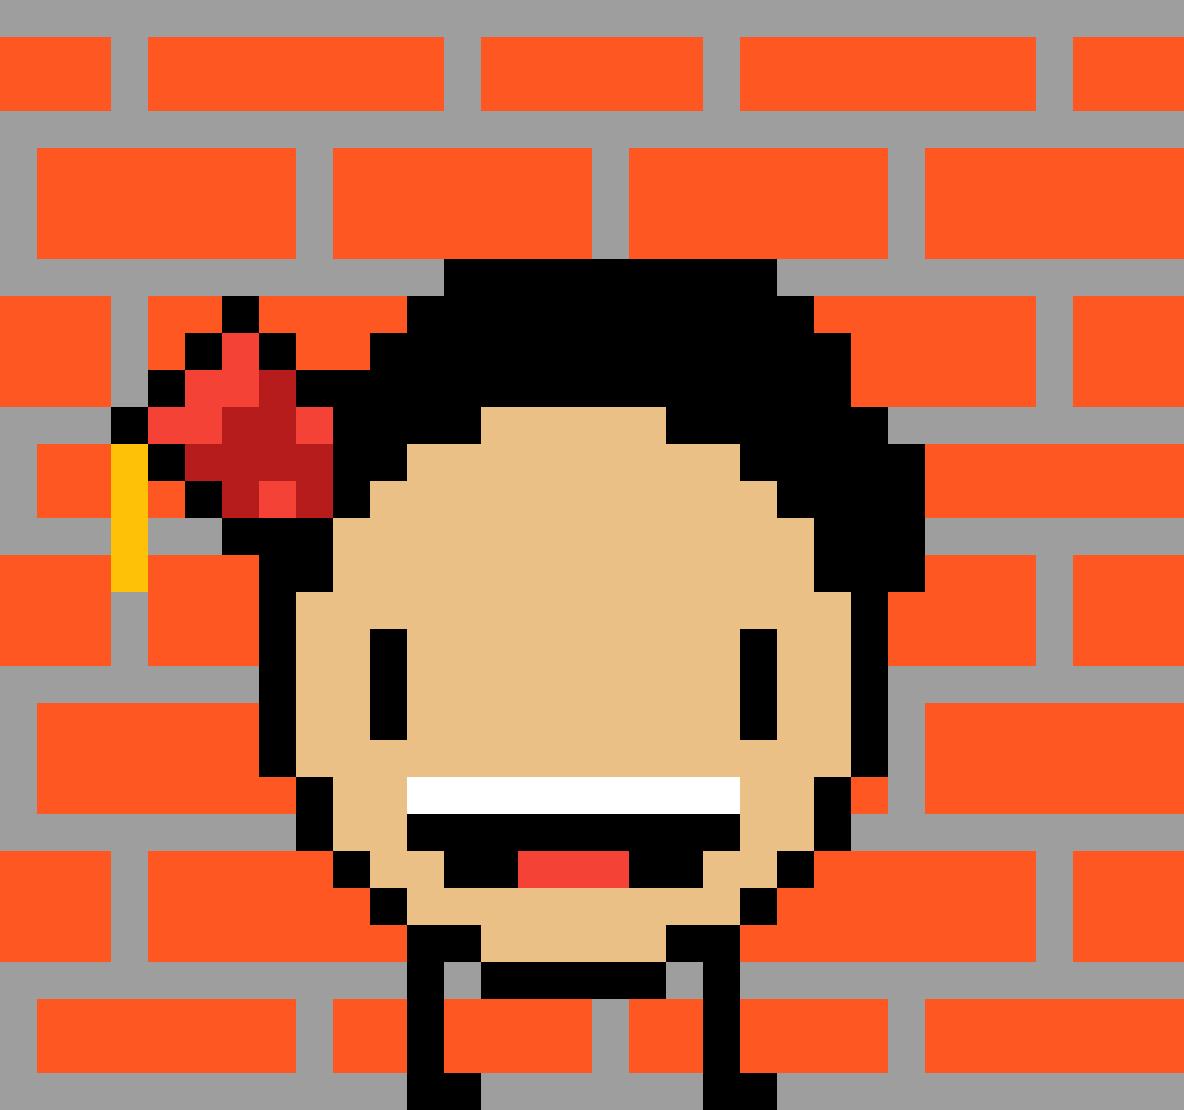 It's me! by MrFez